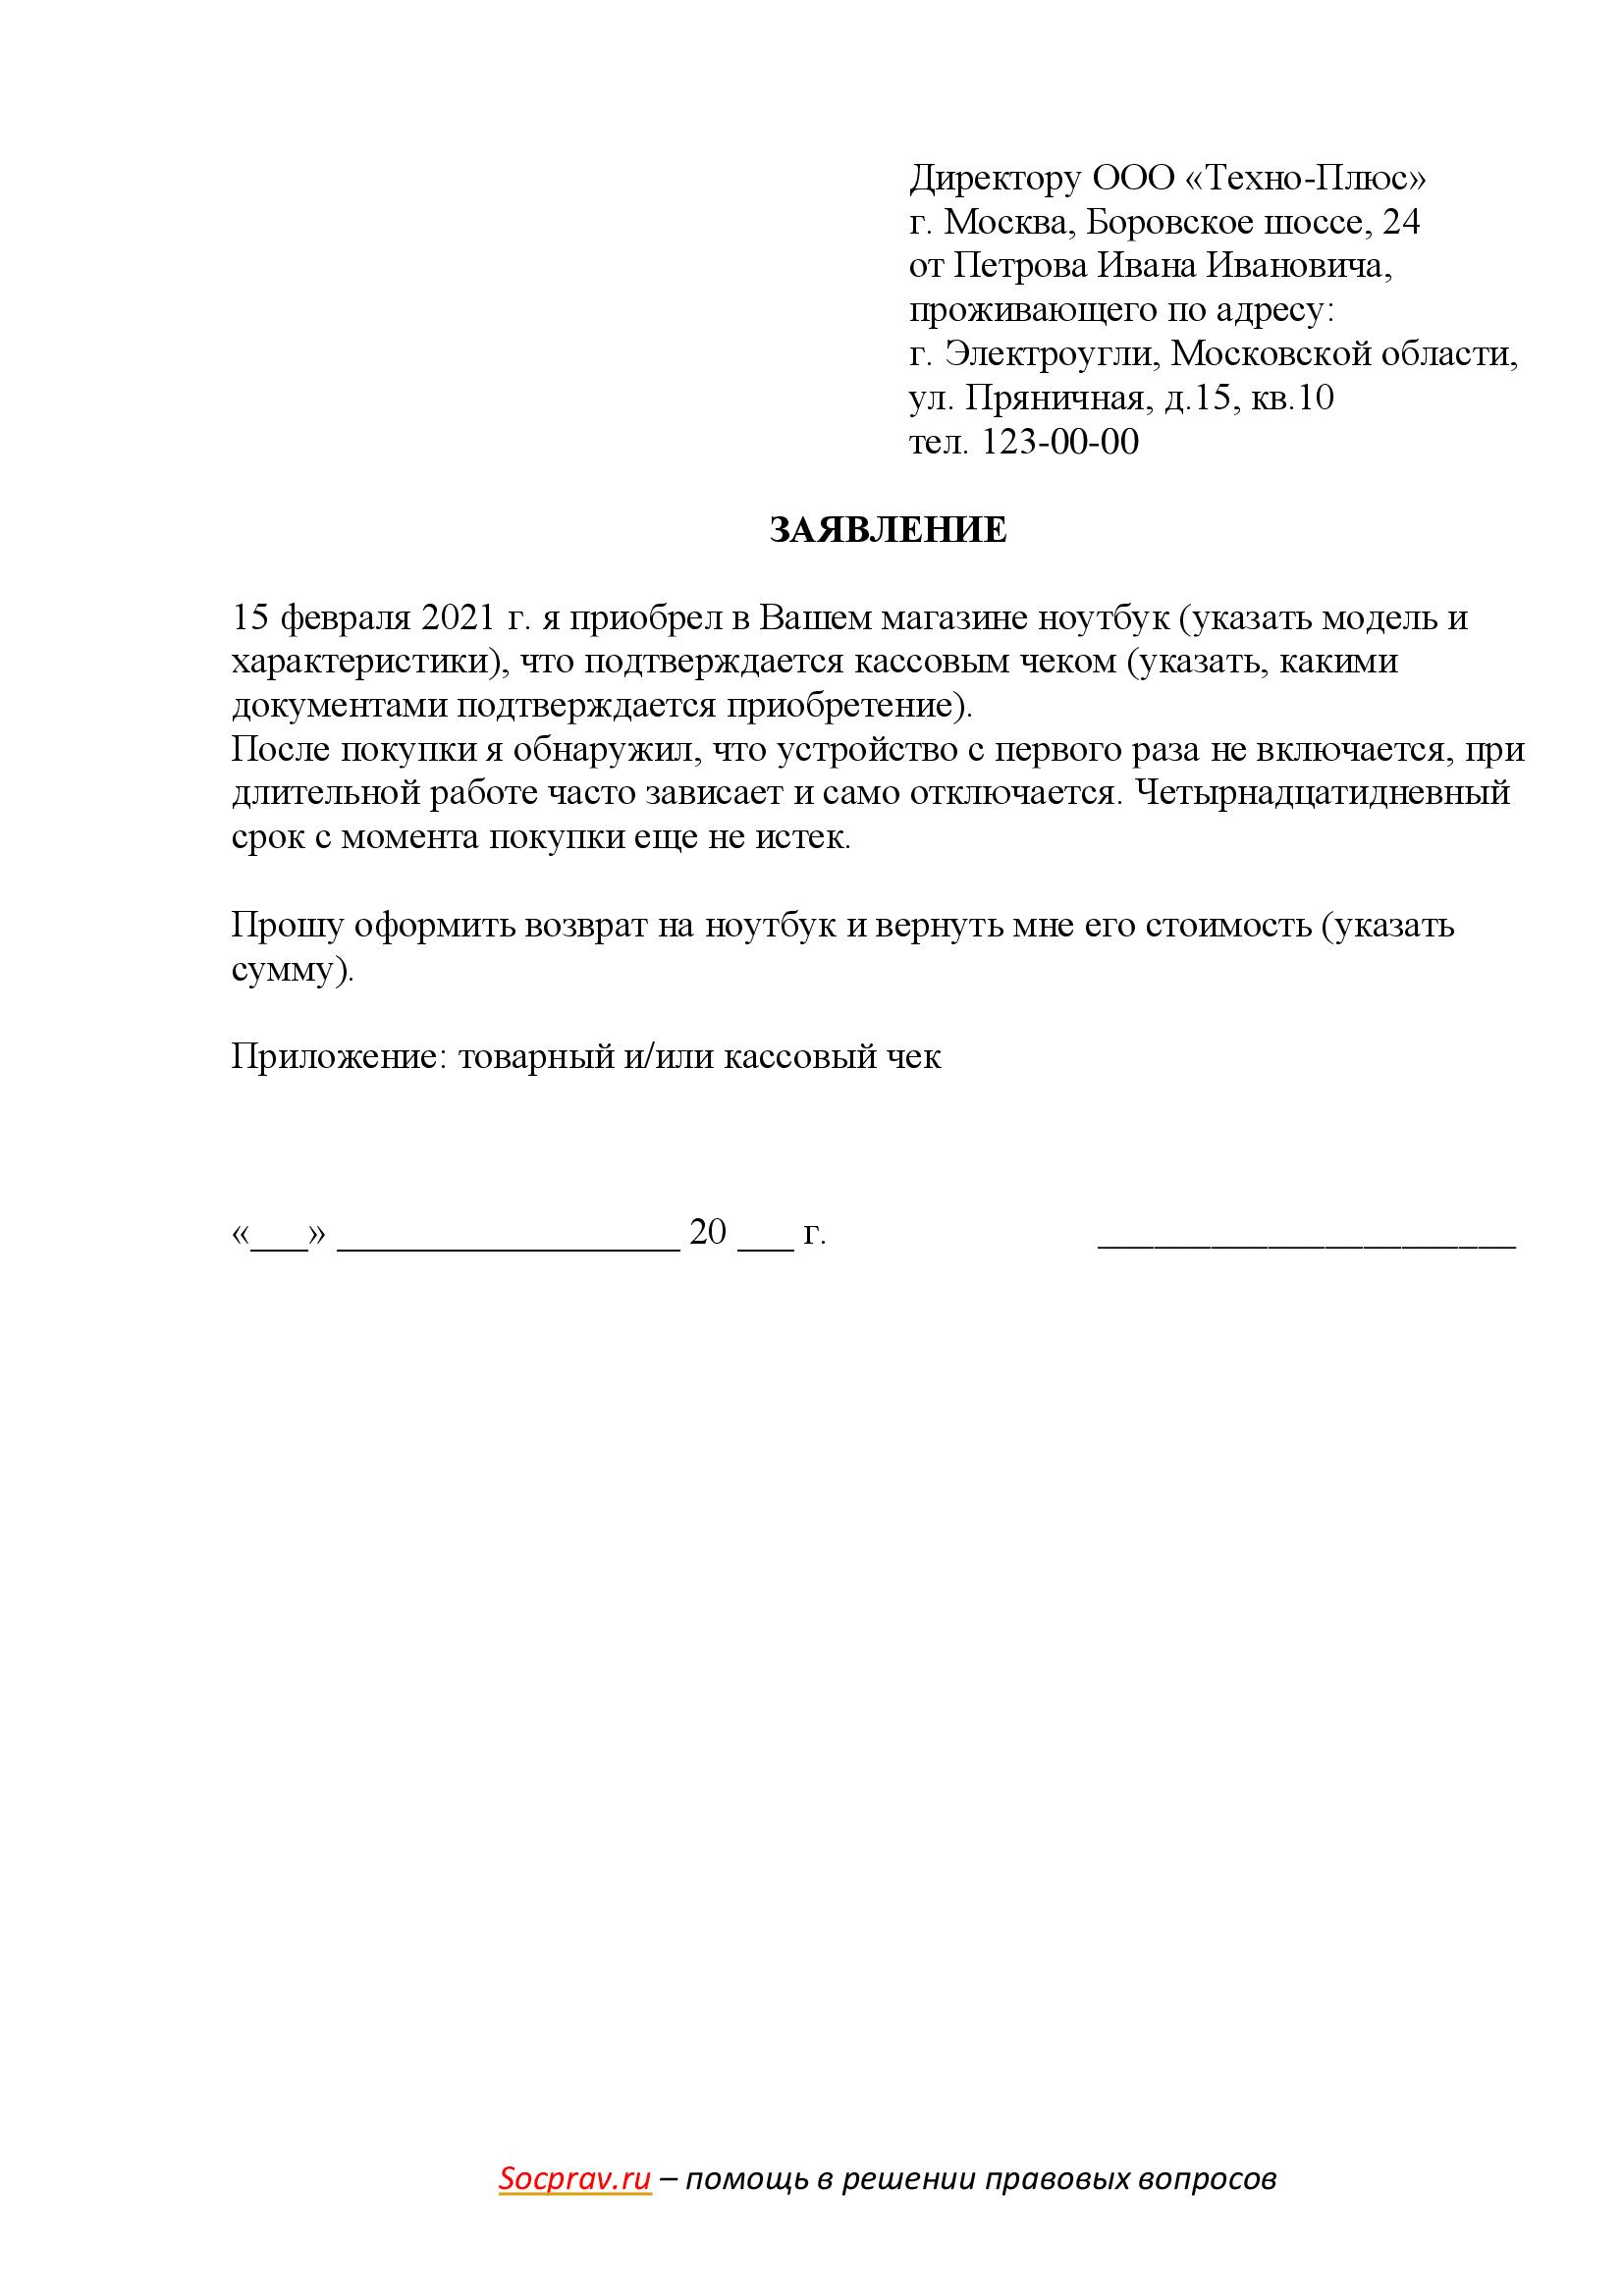 Заявление на возврат ноутбука в магазин